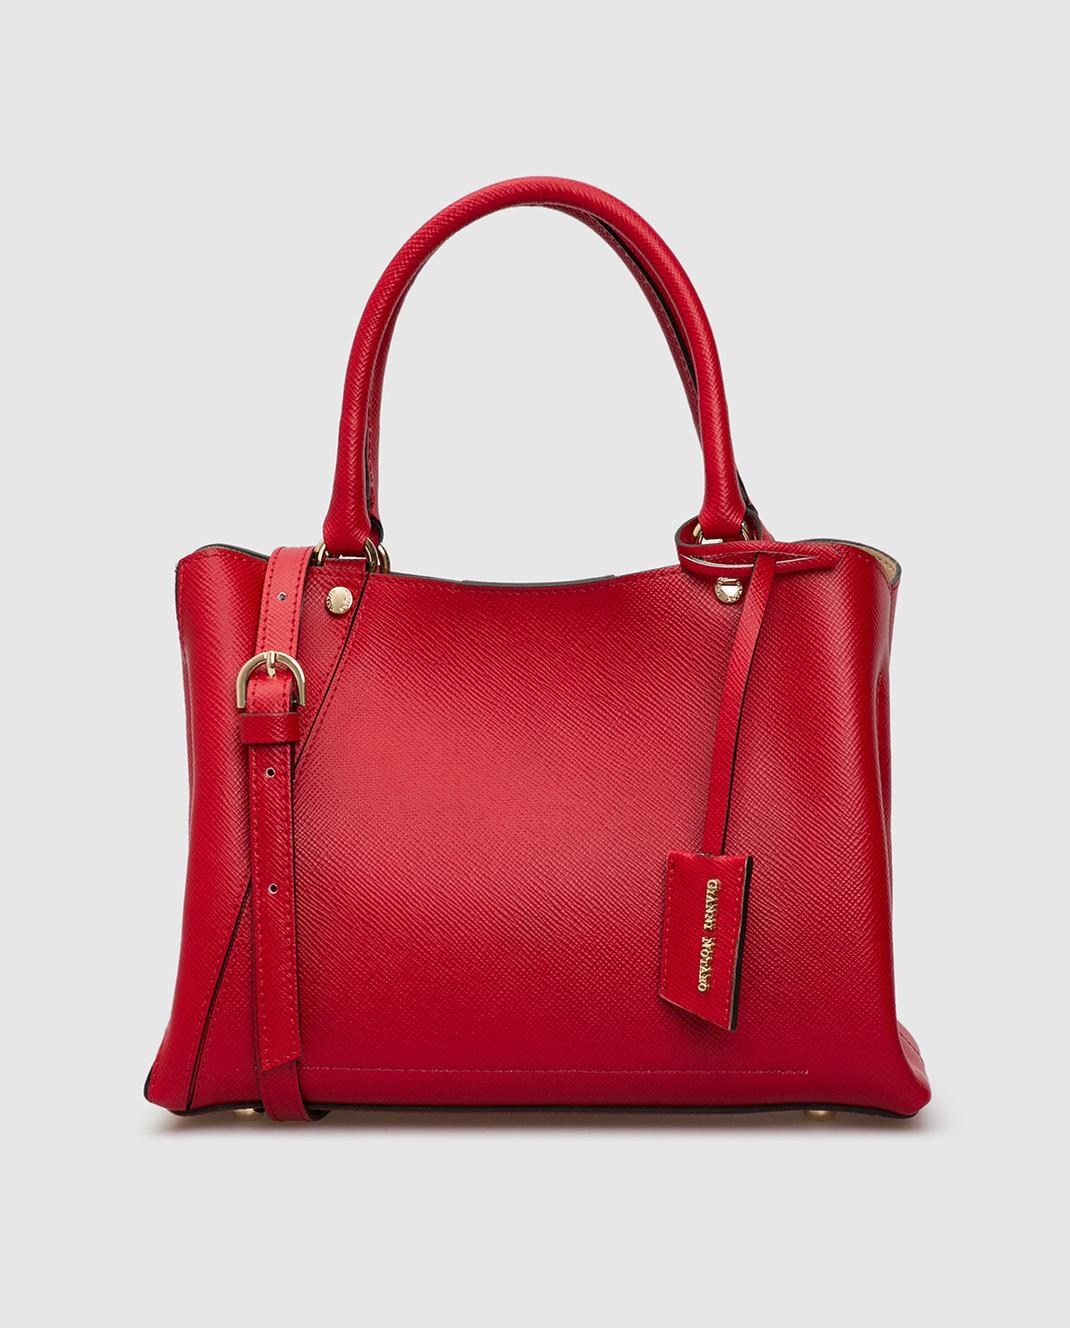 Gianni Notaro Красная кожаная сумка изображение 1